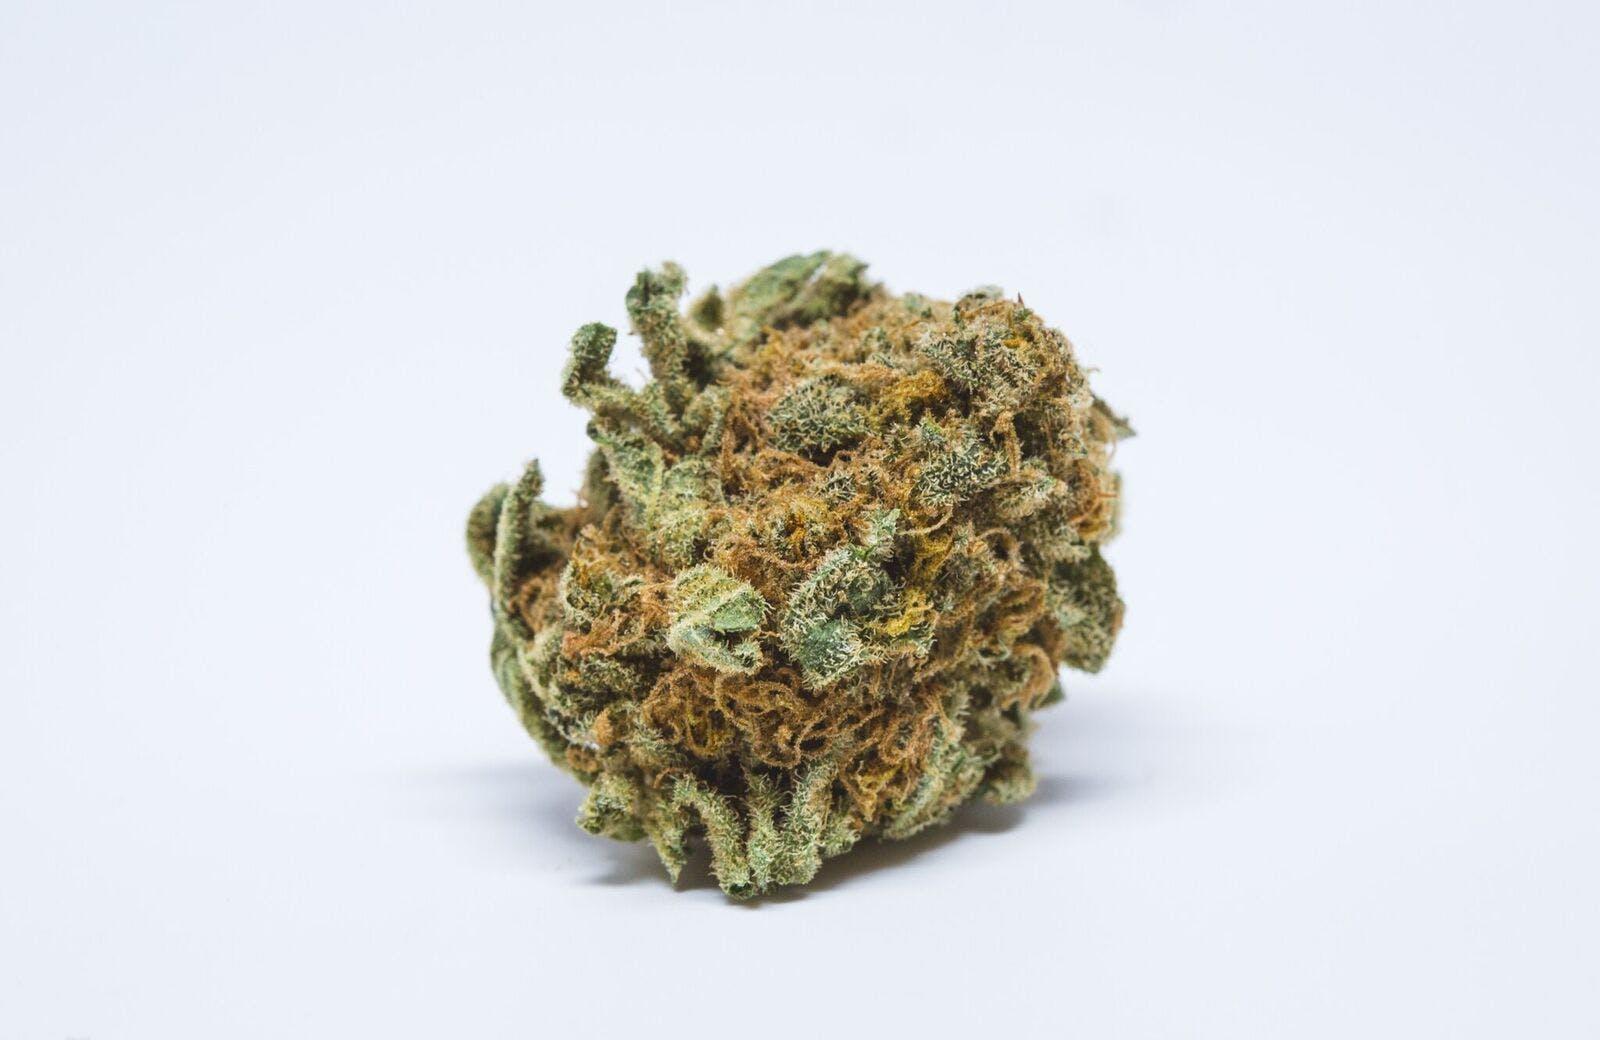 Cherry Cookies Weed; Cherry Cookies Cannabis Strain; Cherry Cookies Hybrid Marijuana Strain